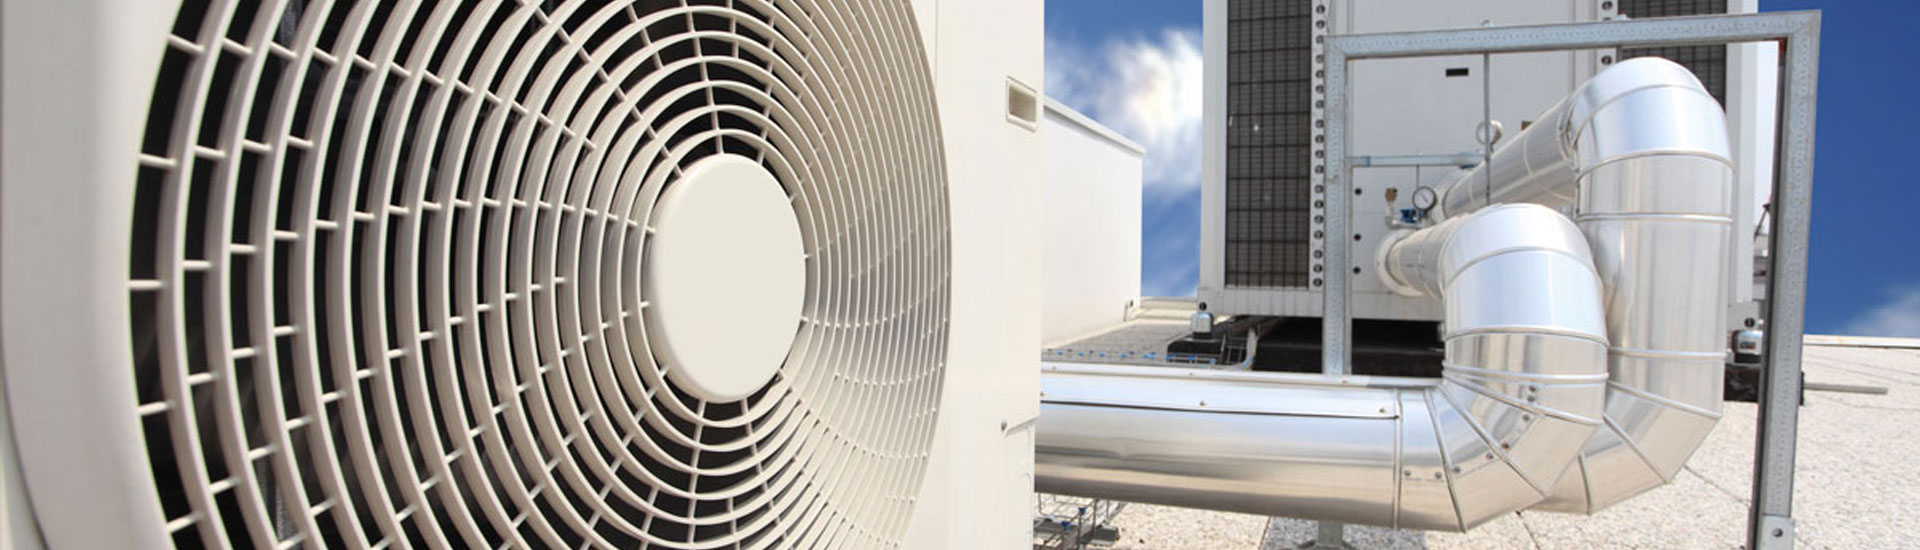 Construcciones, Climatización, Metalmecánica | Screwdriver